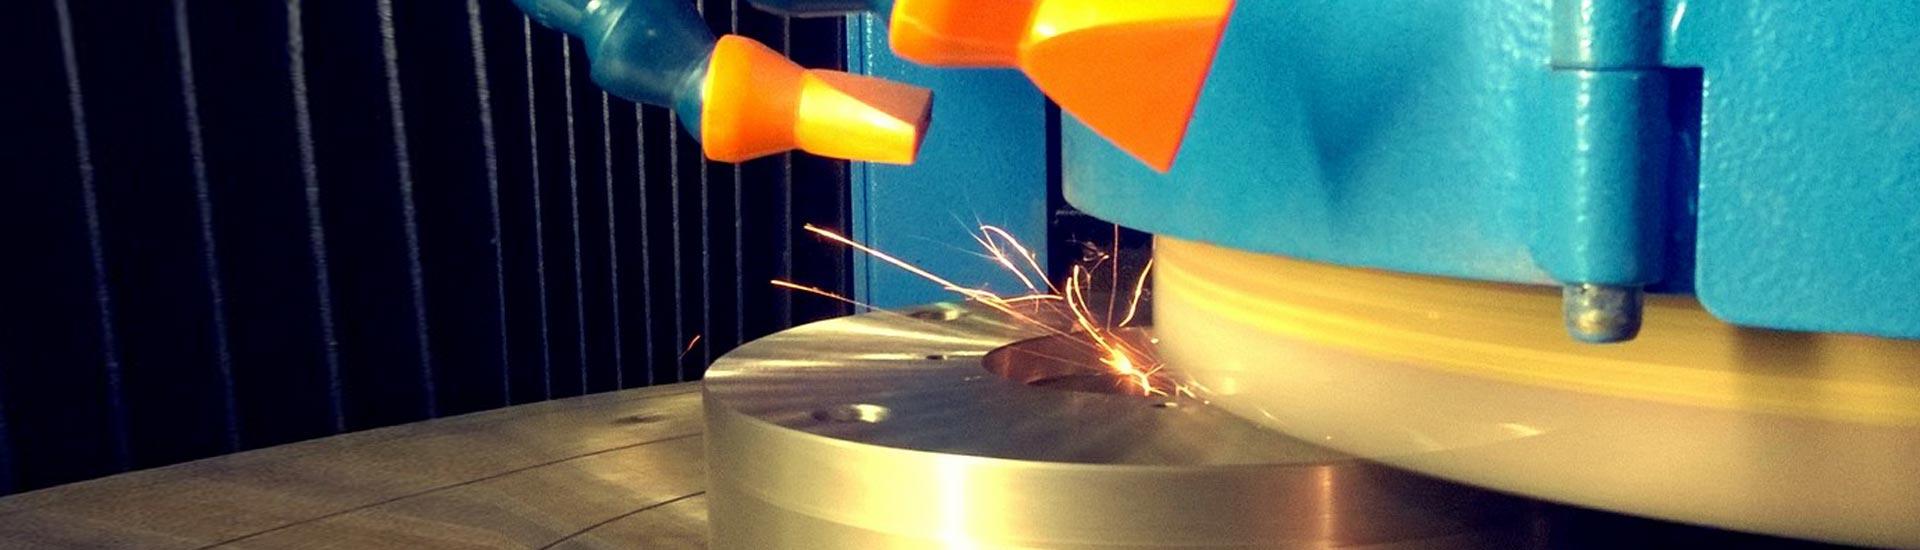 Lodi Grinding Machine Progettazione Realizzazione Assistenza Post Vendita macchine rettificatrici